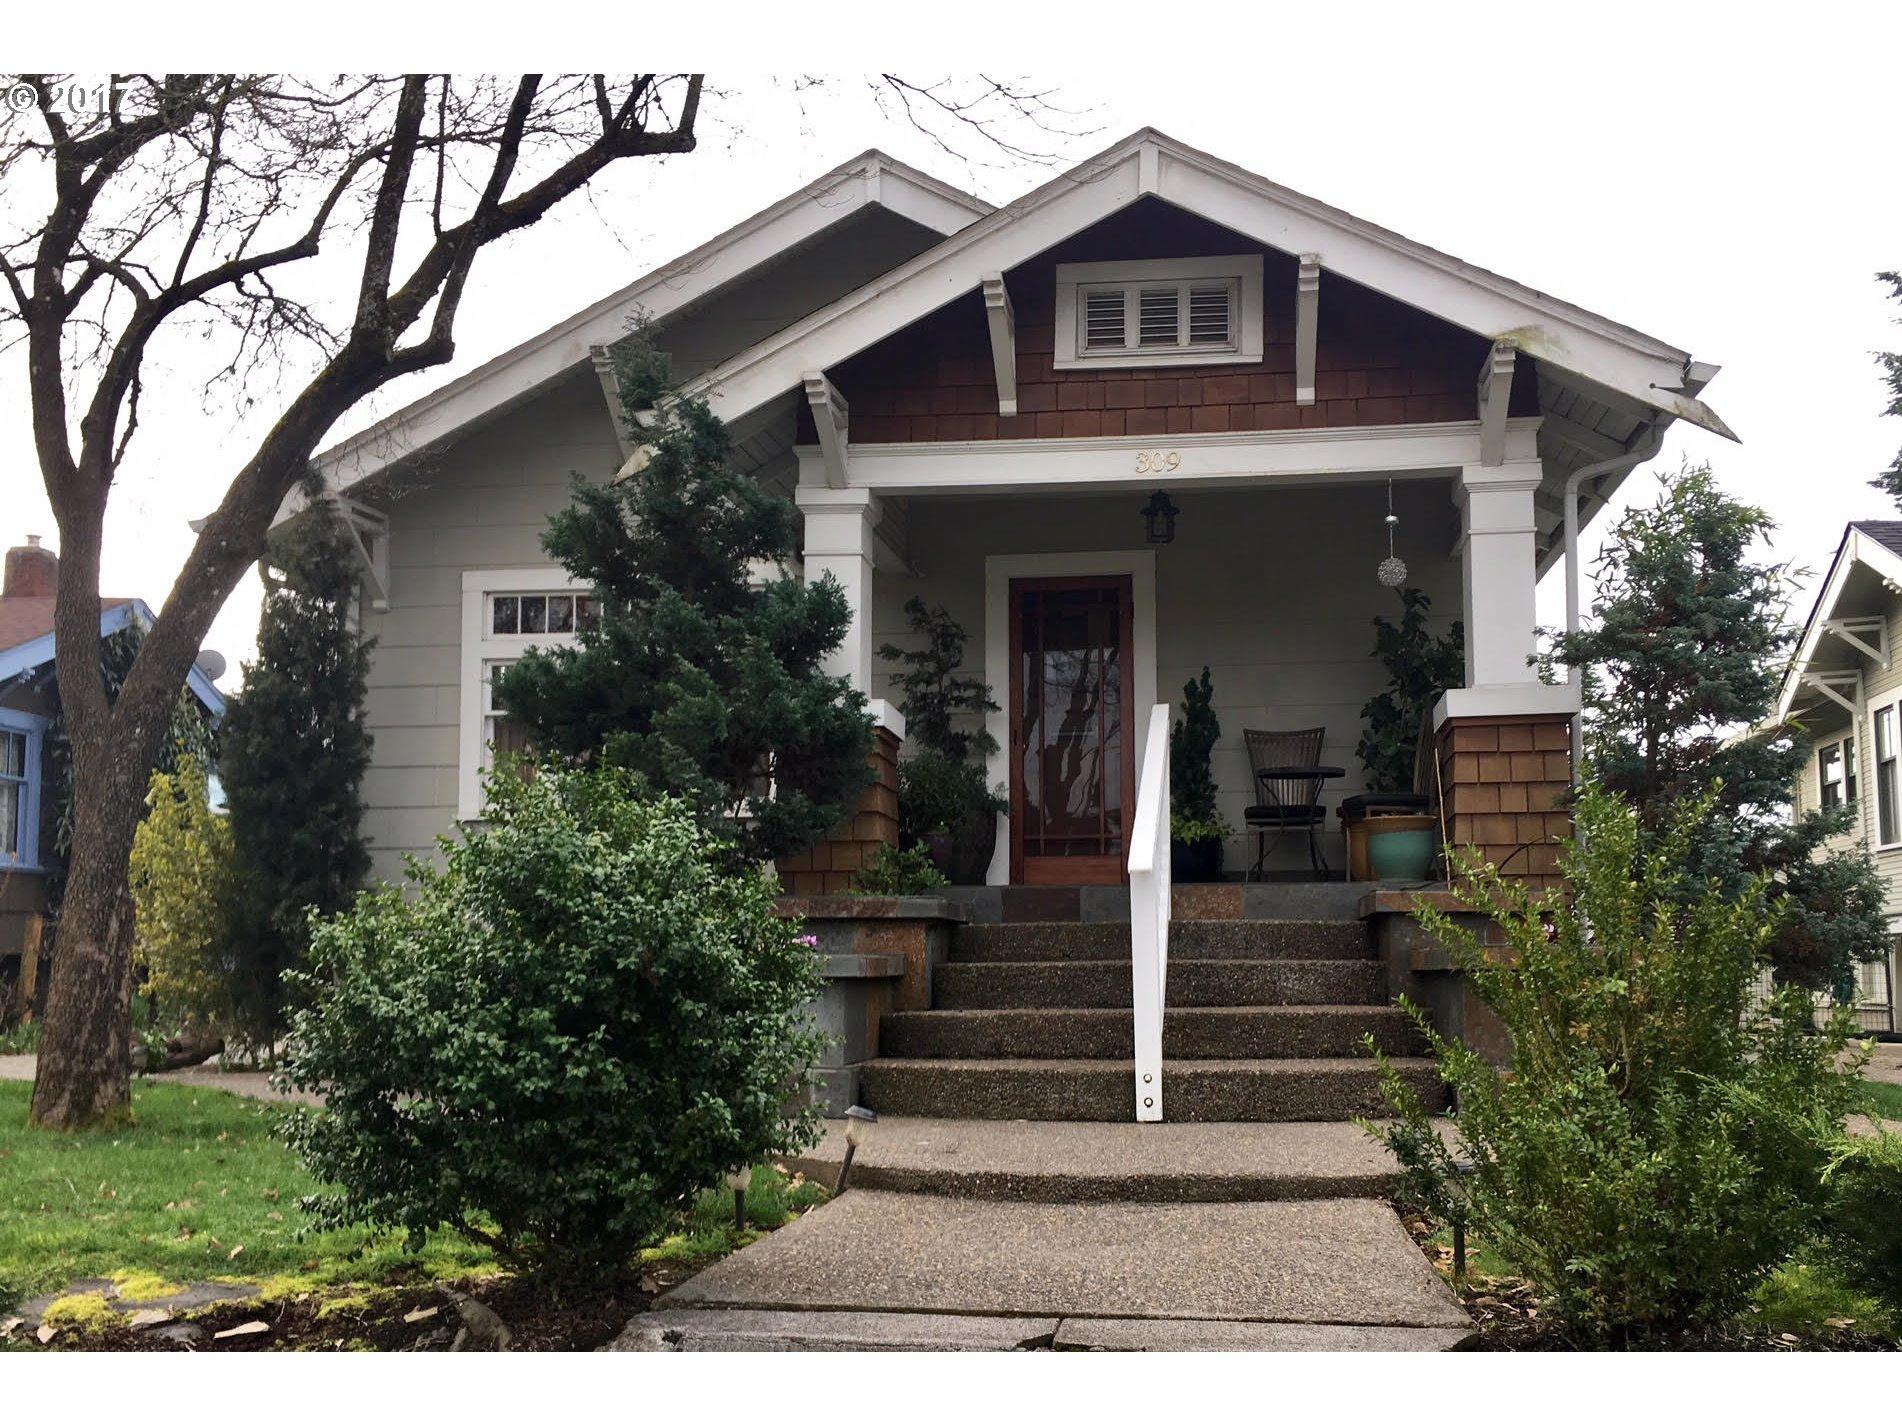 309 W 23RD ST, Vancouver, WA 98660